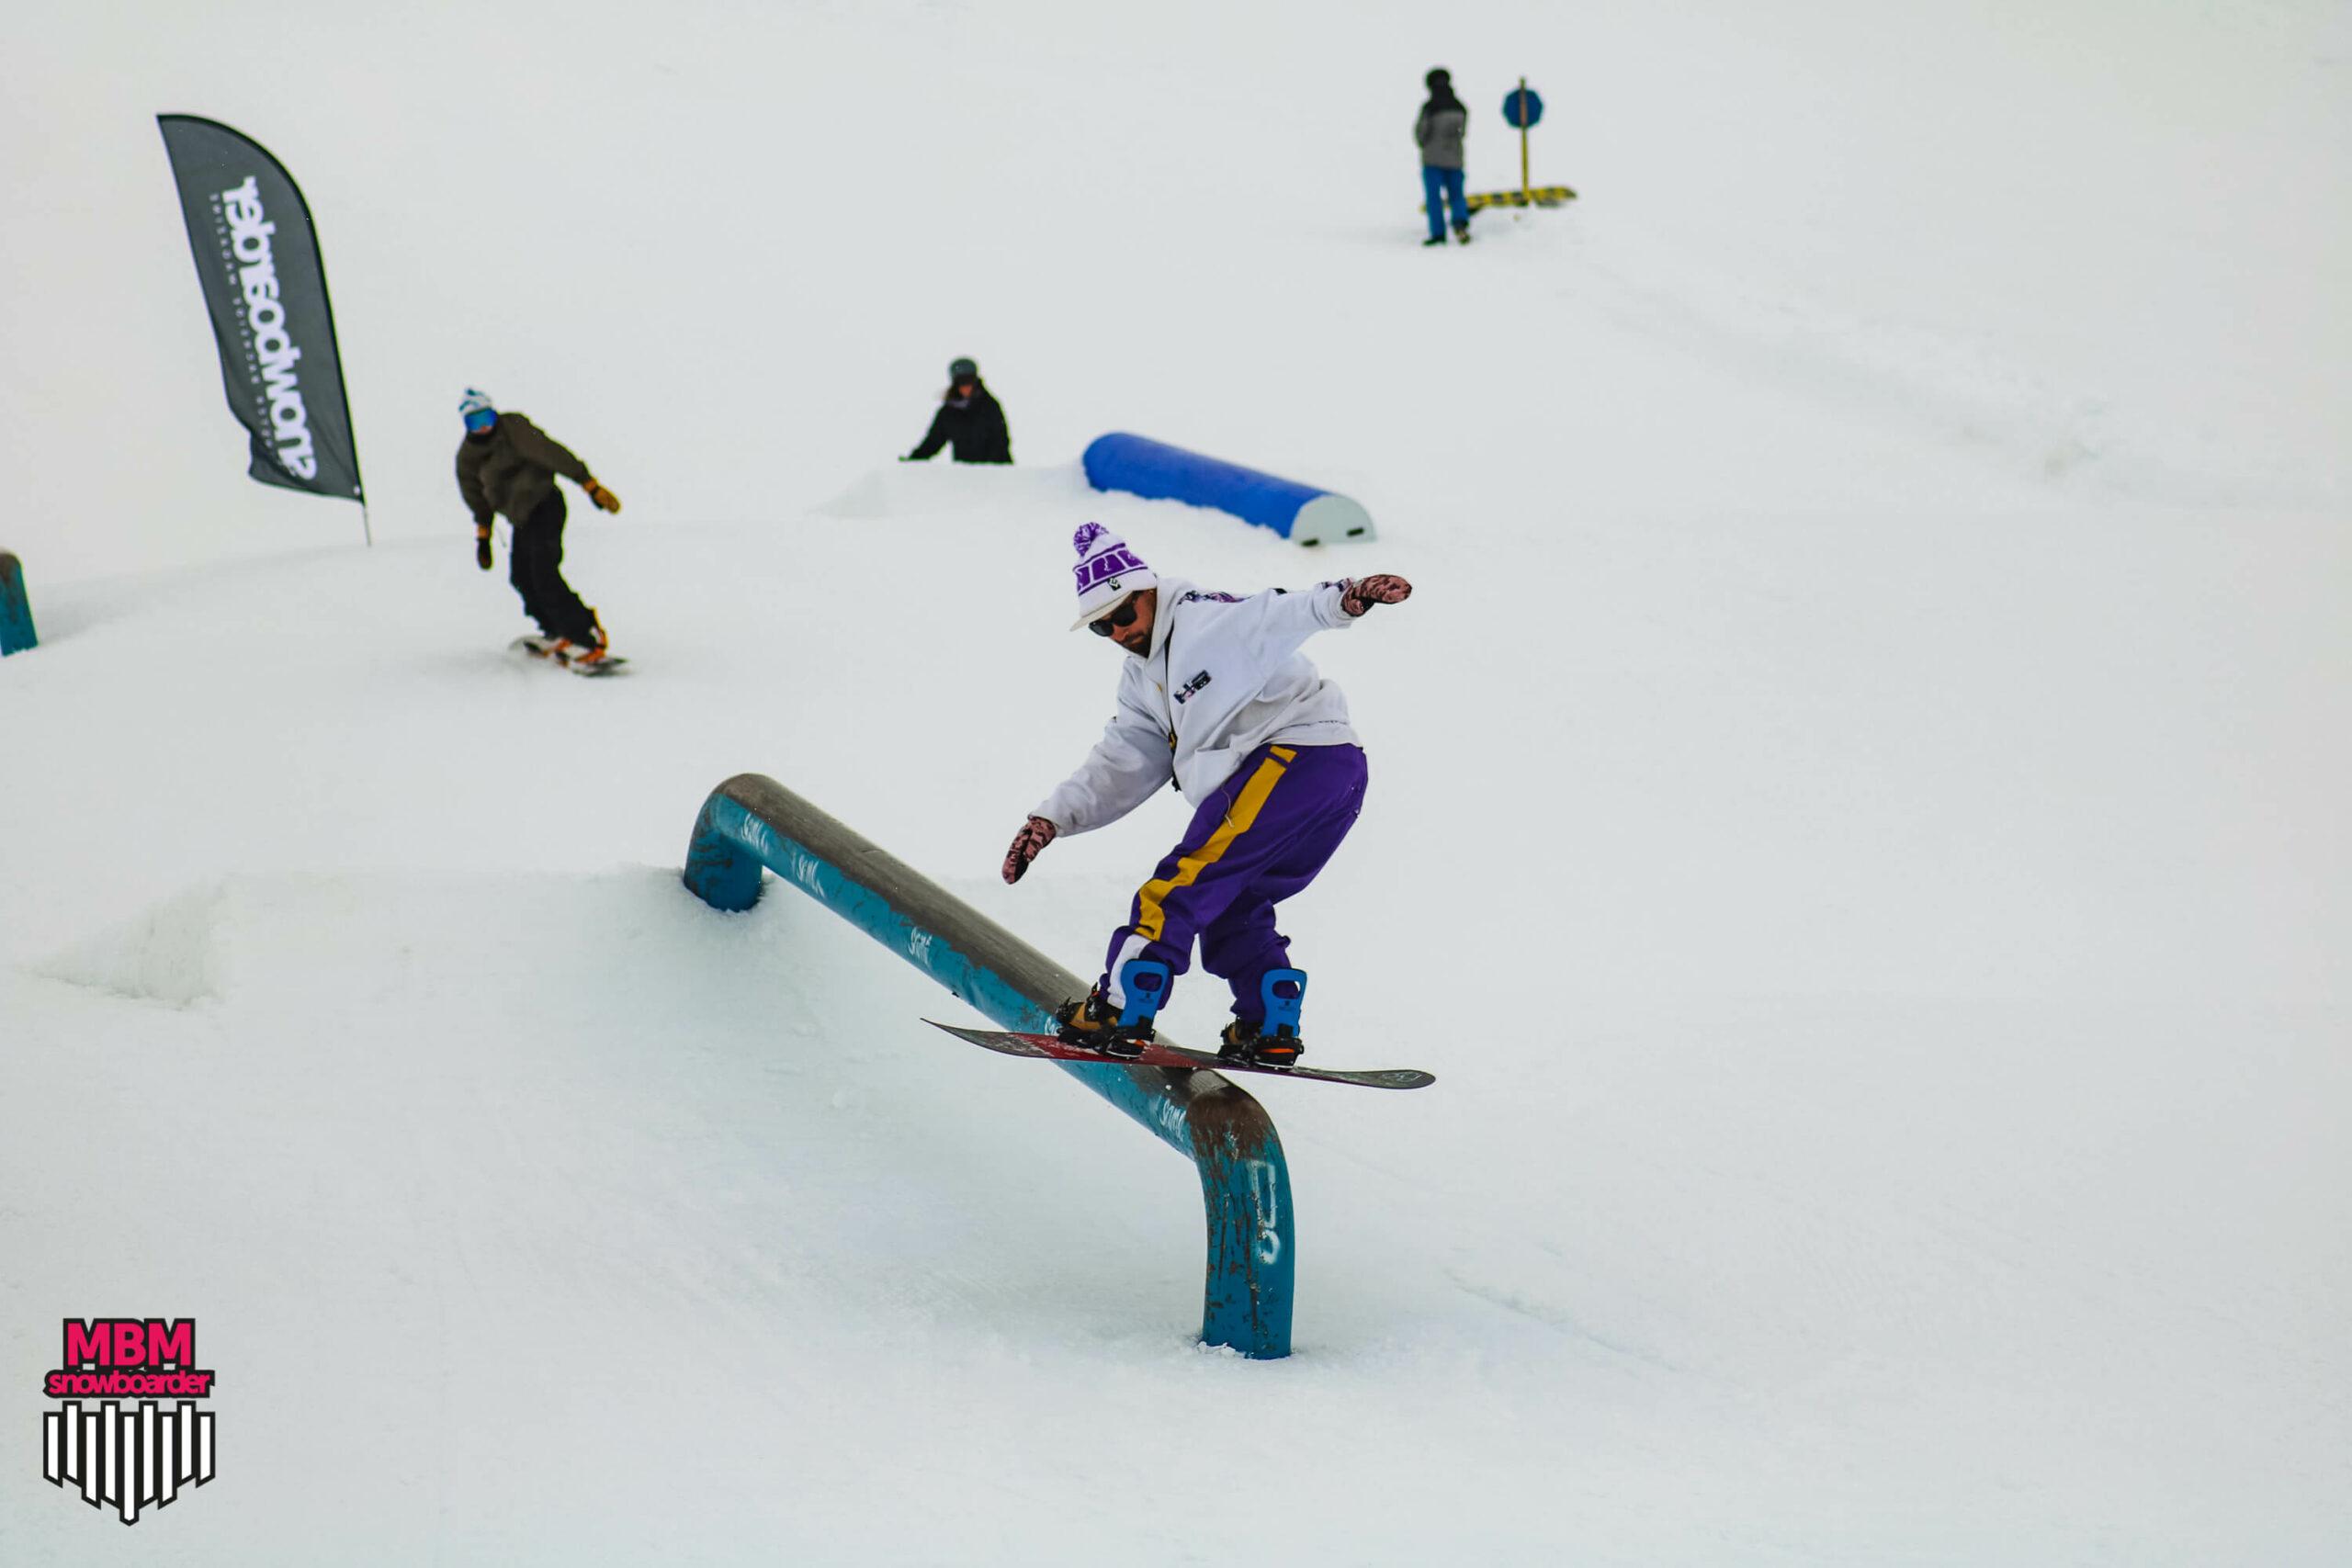 snowboarderMBM_sd_kaunertal_046